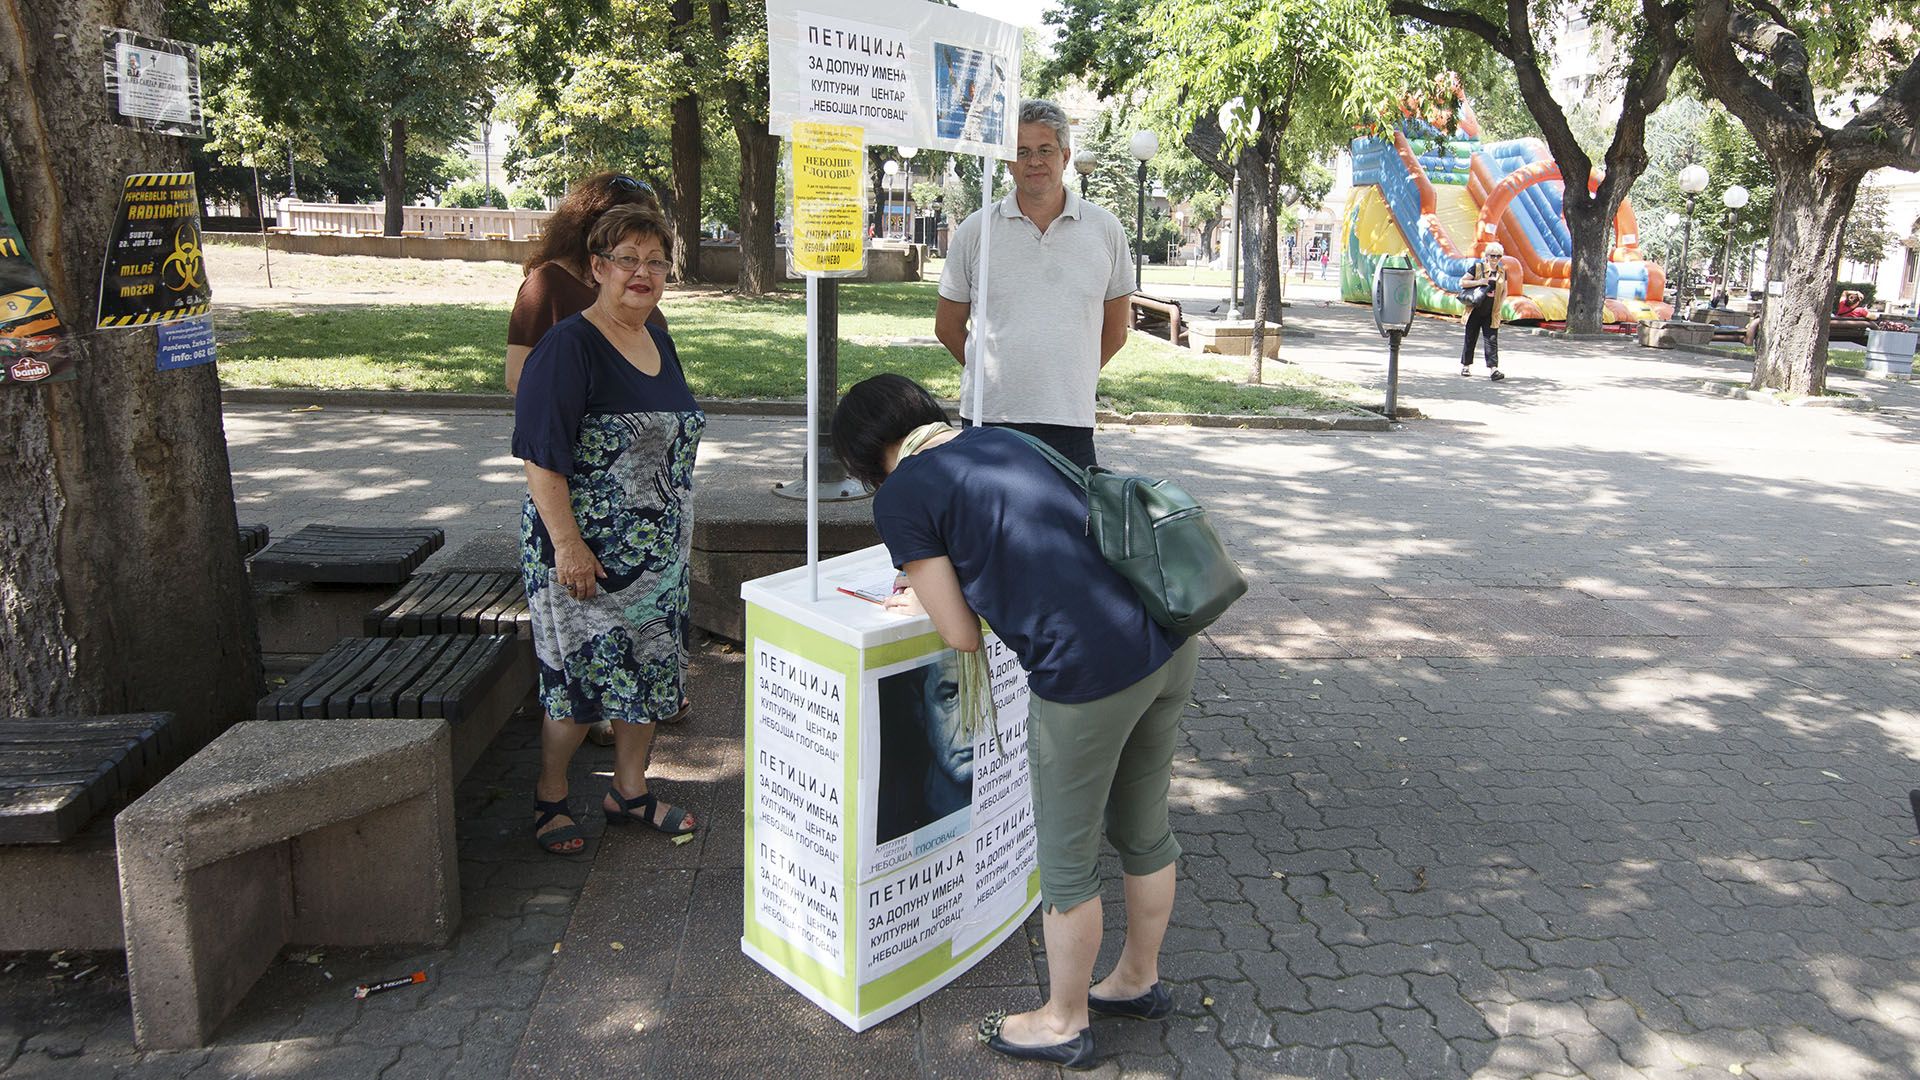 Peticija za dopunu imena Kulturnog centra Pančeva imenom Nebojše Glogovca